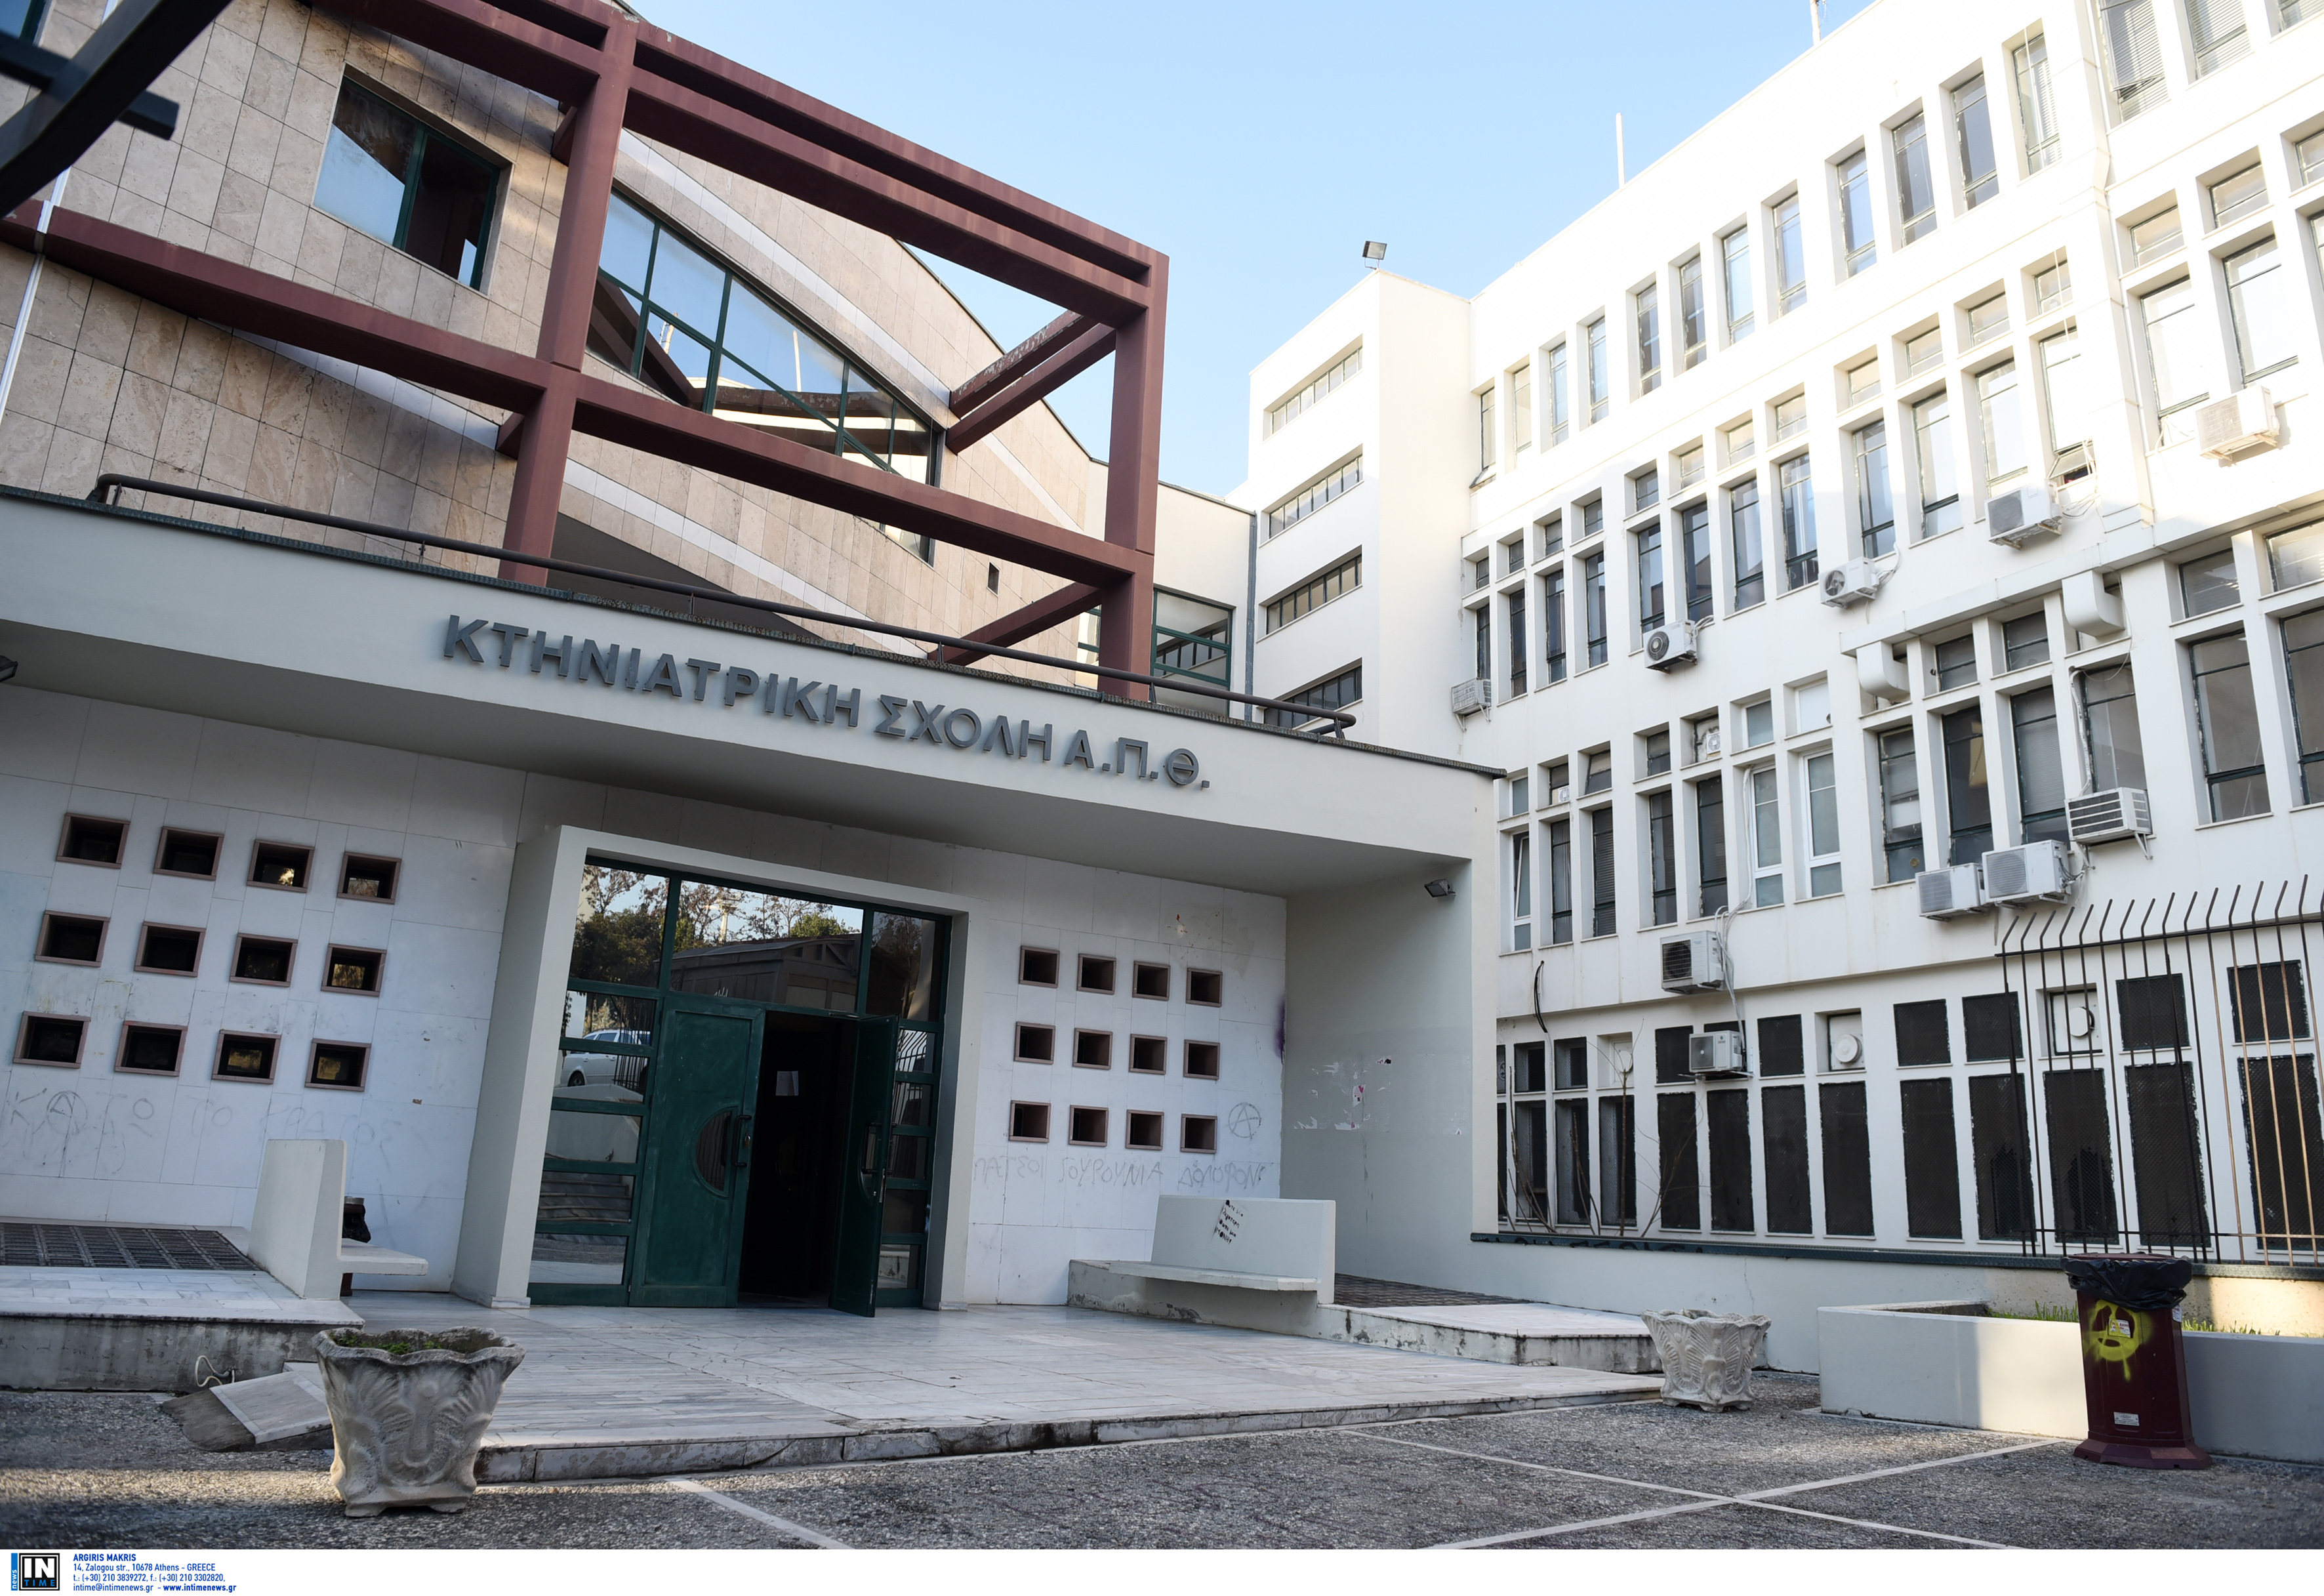 Θεσσαλονίκη: Τι λέει στο newsit.gr ο ιατροδικαστής για την αυτοκτονία του καθηγητή στο ΑΠΘ